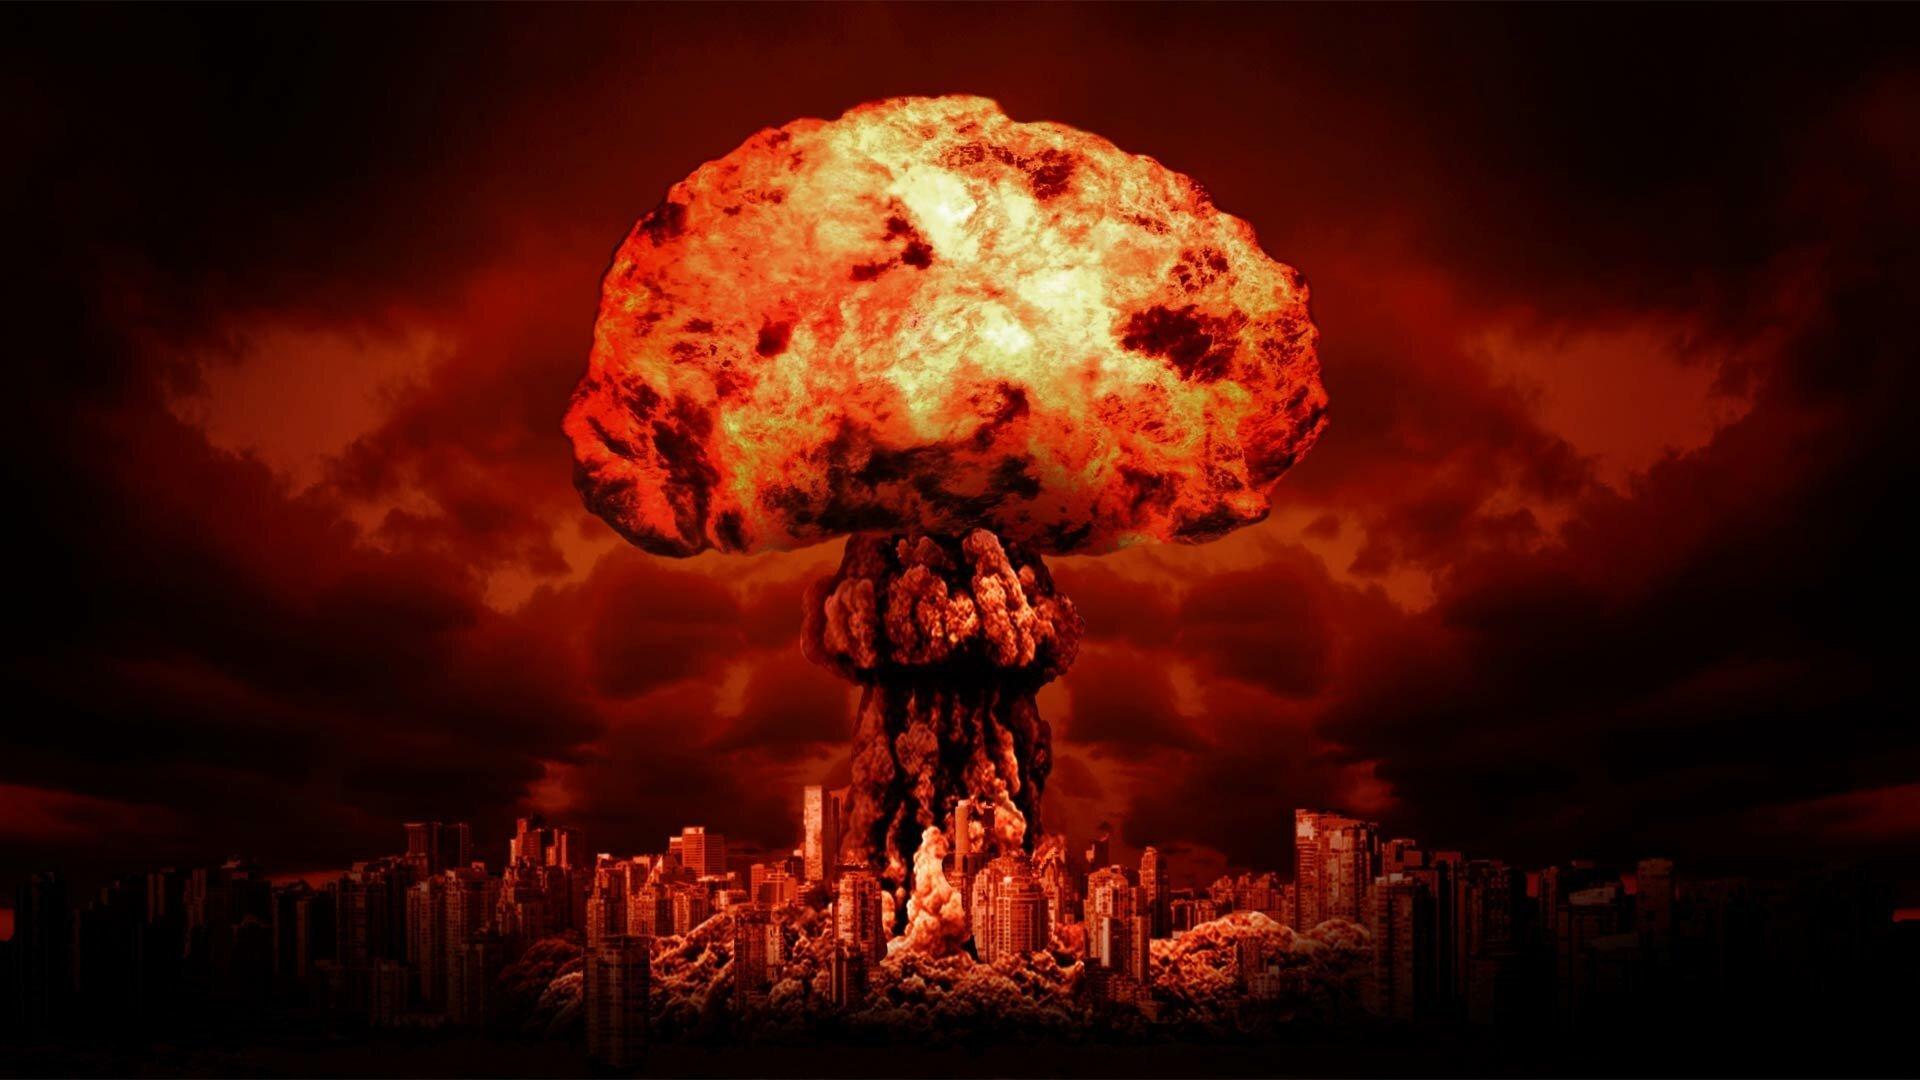 ООН заметила самый высокий за 30 лет риск ядерной войны